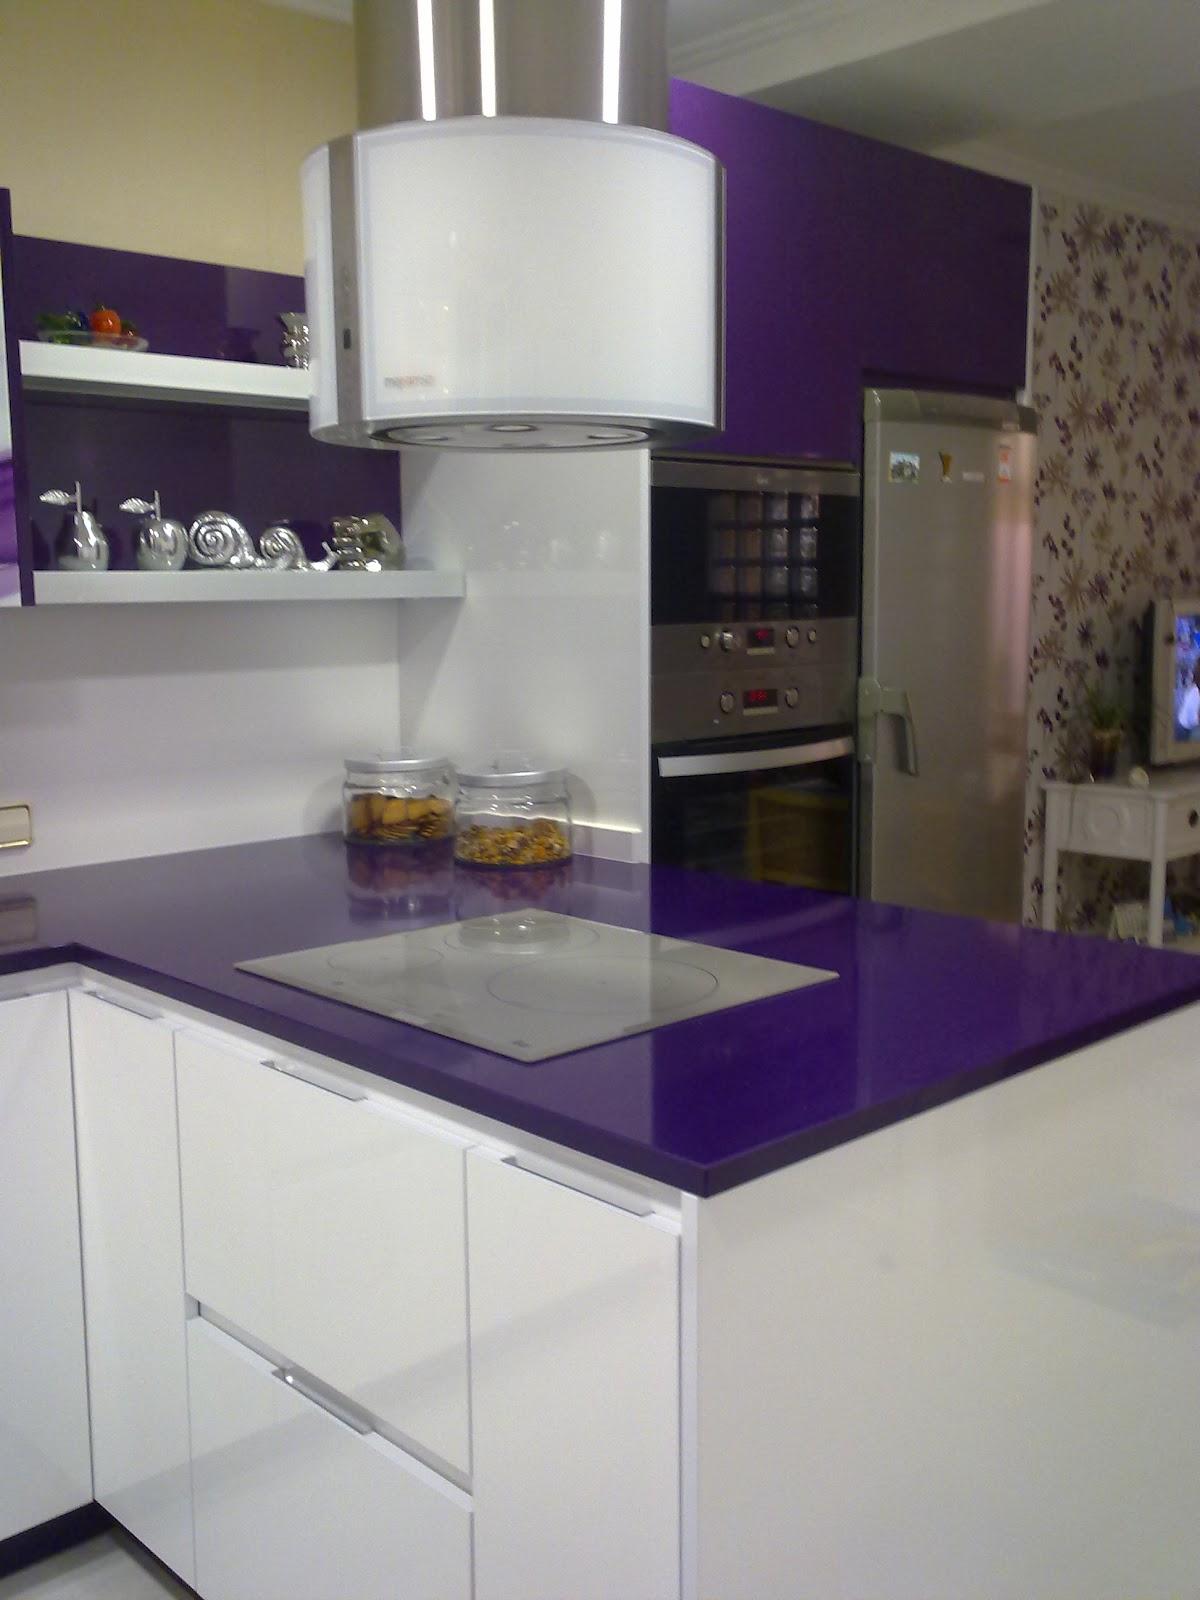 Bamb muebles y cocinas cocina dise o moderno morado y - Cocina diseno moderno ...